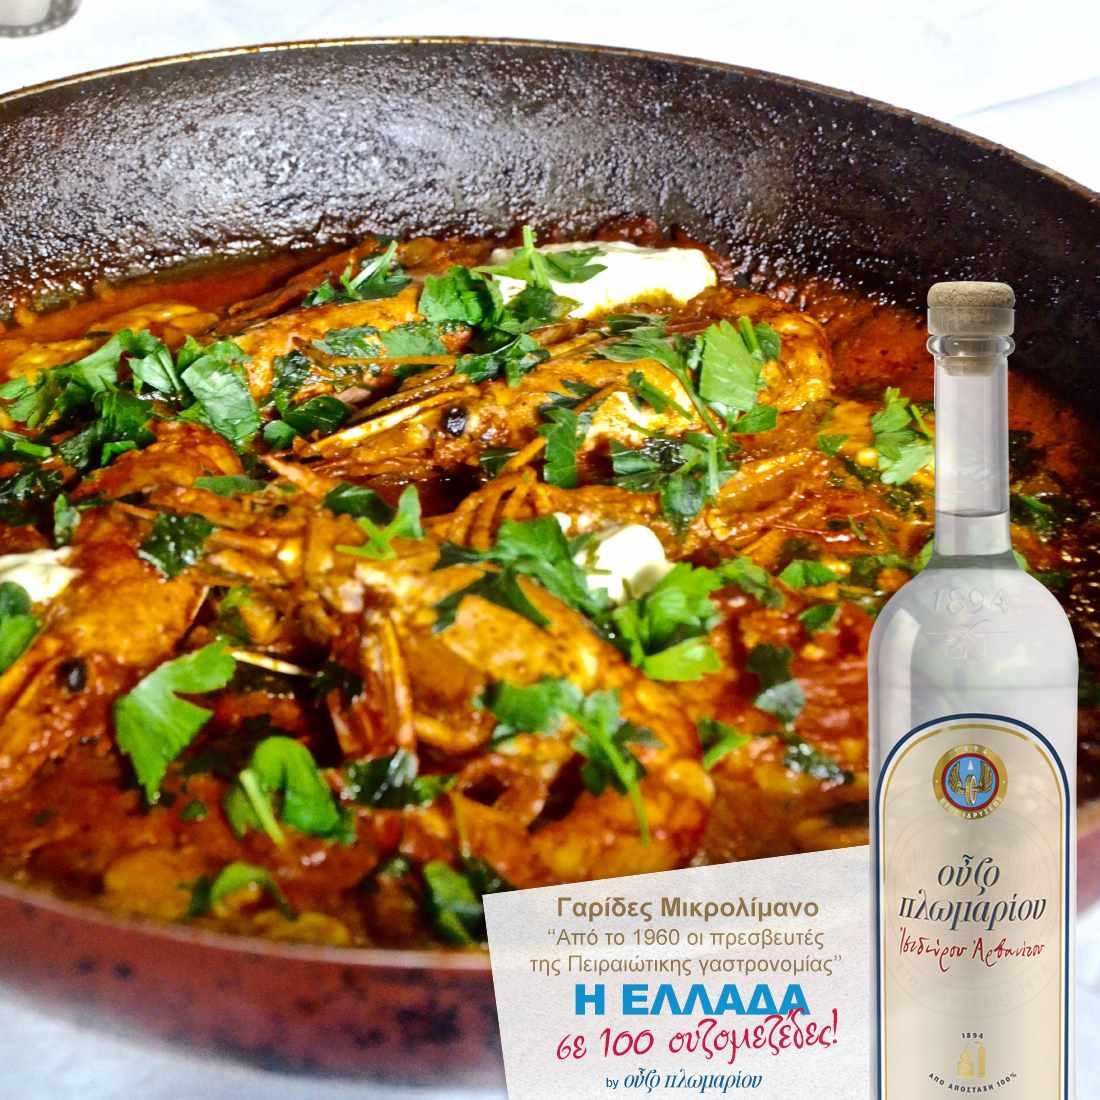 Γαρίδες Μικρολίμανο - Ουζομεζέδες - Greek Gastronomy Guide